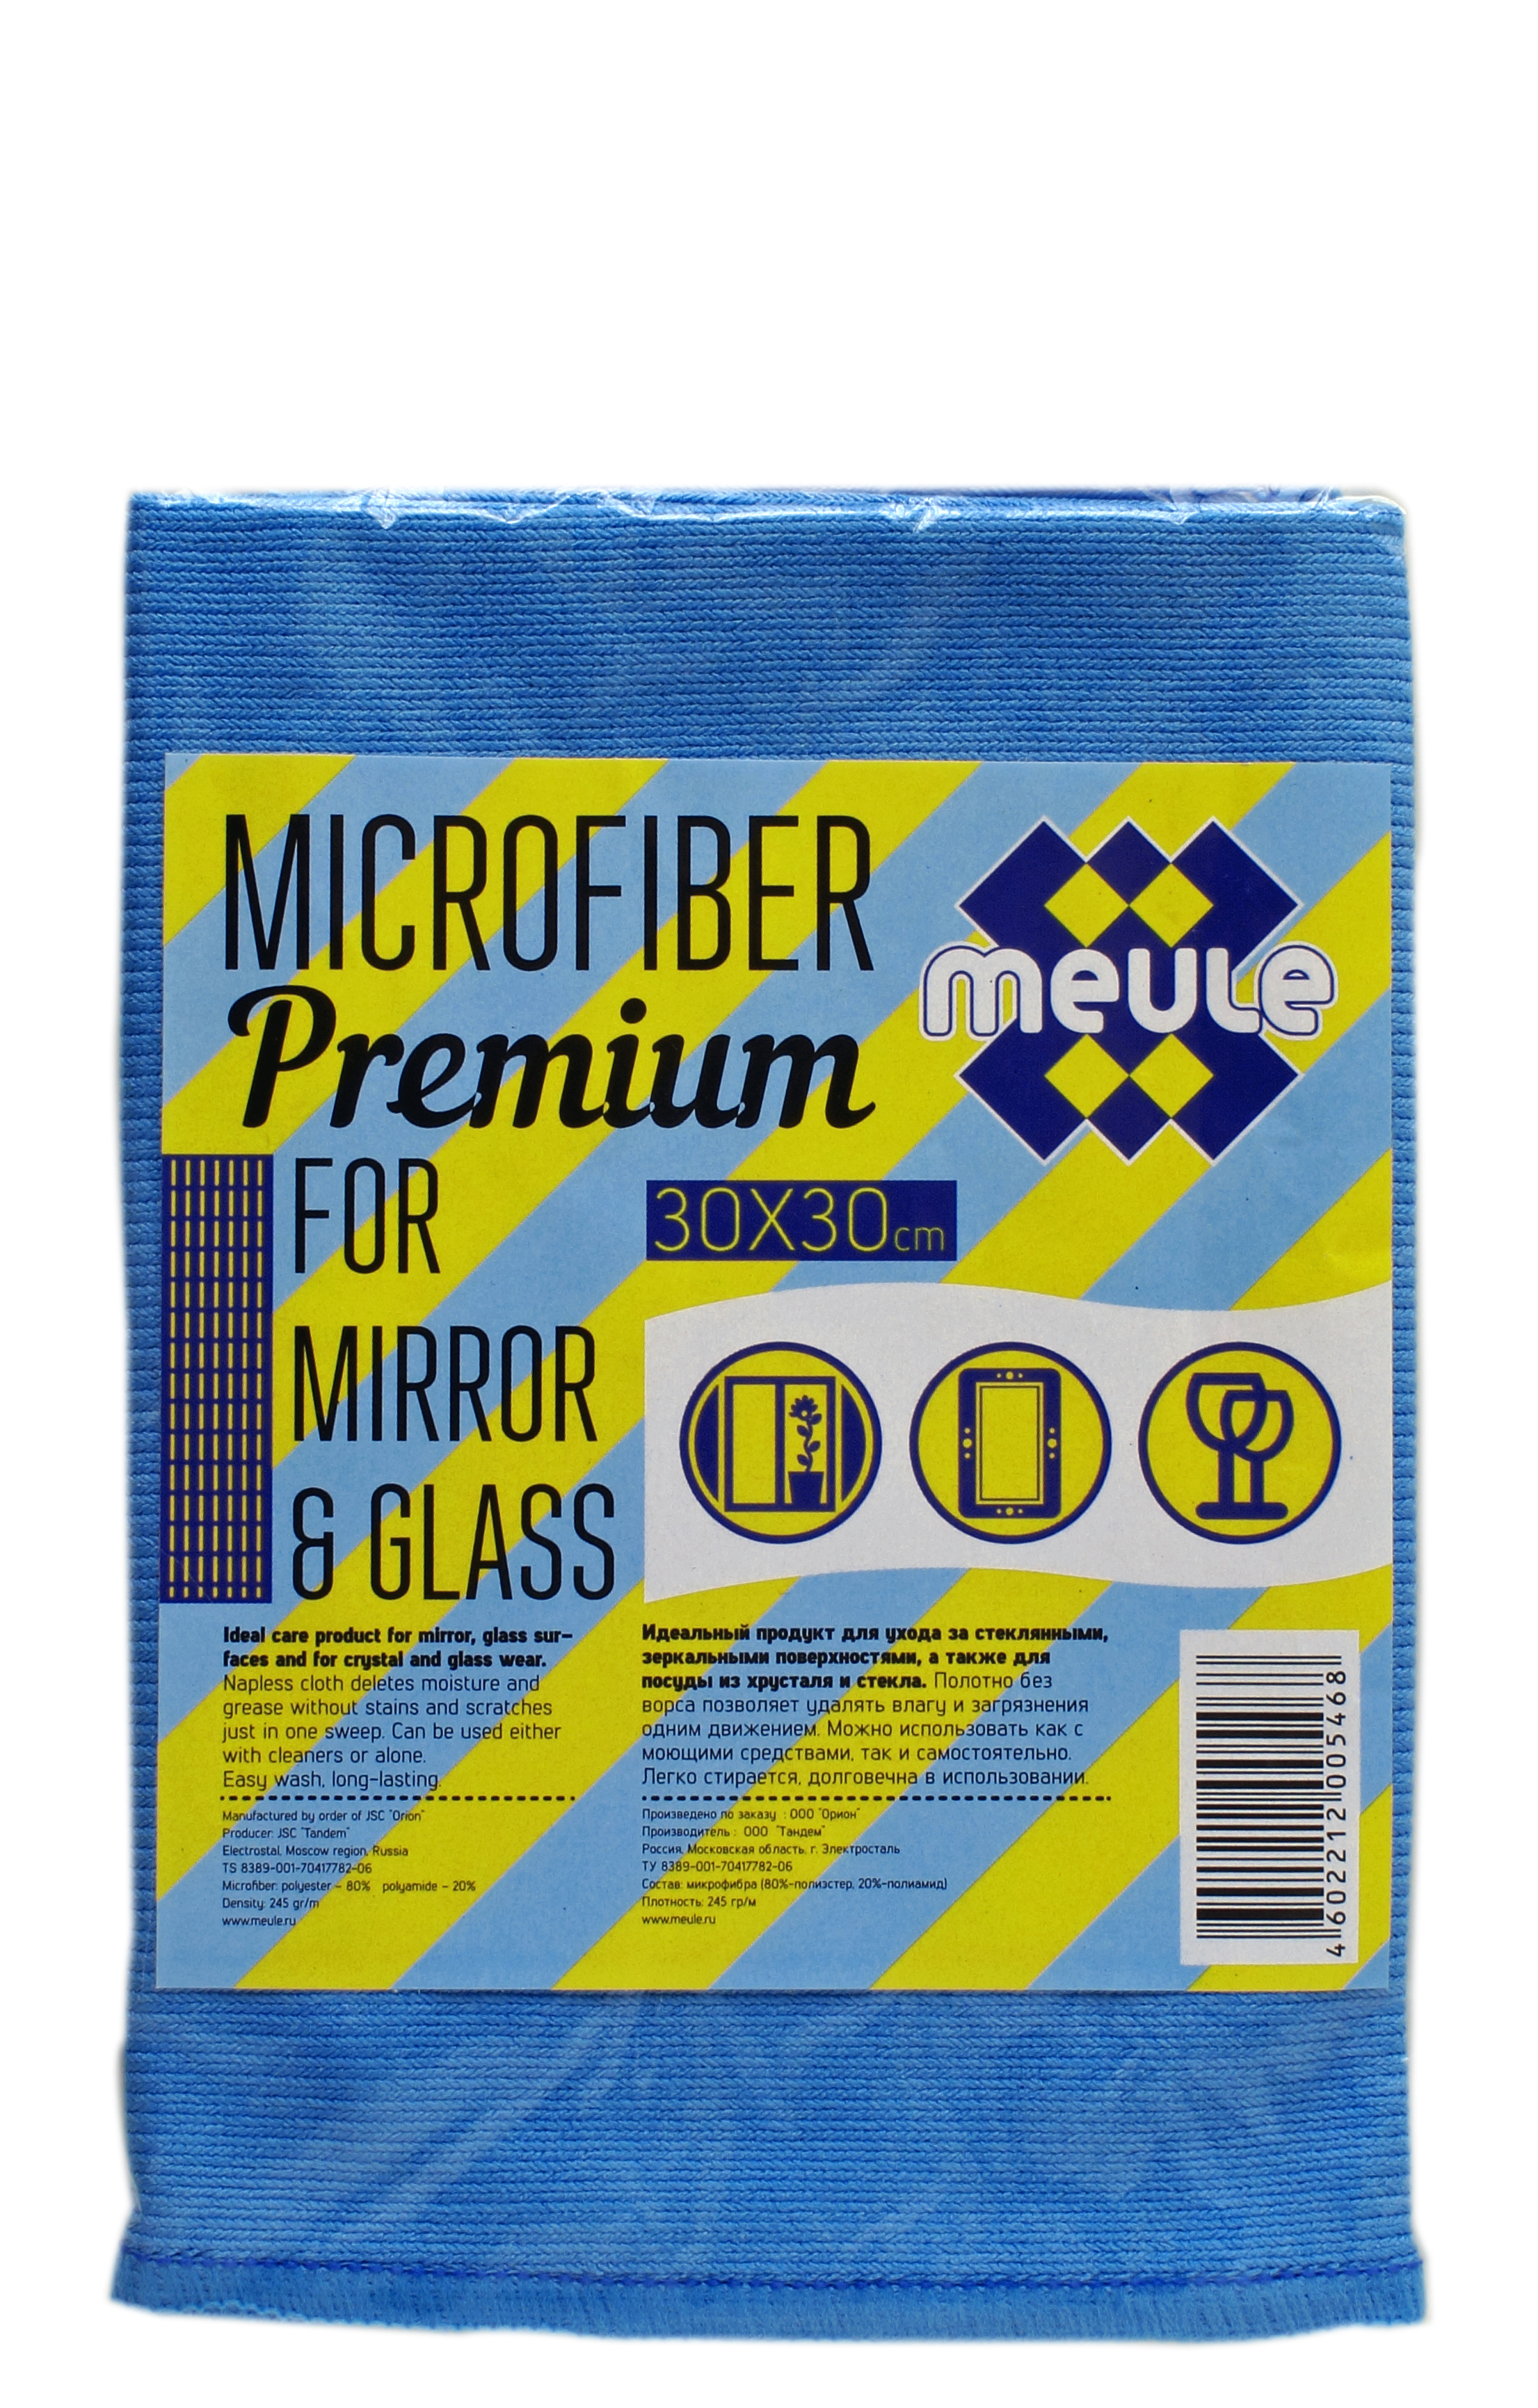 Салфетка Meule, для уборки стеклянных и зеркальных поверхностей, 30 х 30 см4607009241142Салфетка Meule из микрофибры и полиамида подходитдля ухода за стеклянными, зеркальными поверхностями, а также для посуды из хрусталя и стекла.Полотно без ворса позволяет удалять влагу и загрязнения одни м движением. Можно использовать как с моющими средствами, так и самостоятельно. Легко стирается, долговечна в использовании.